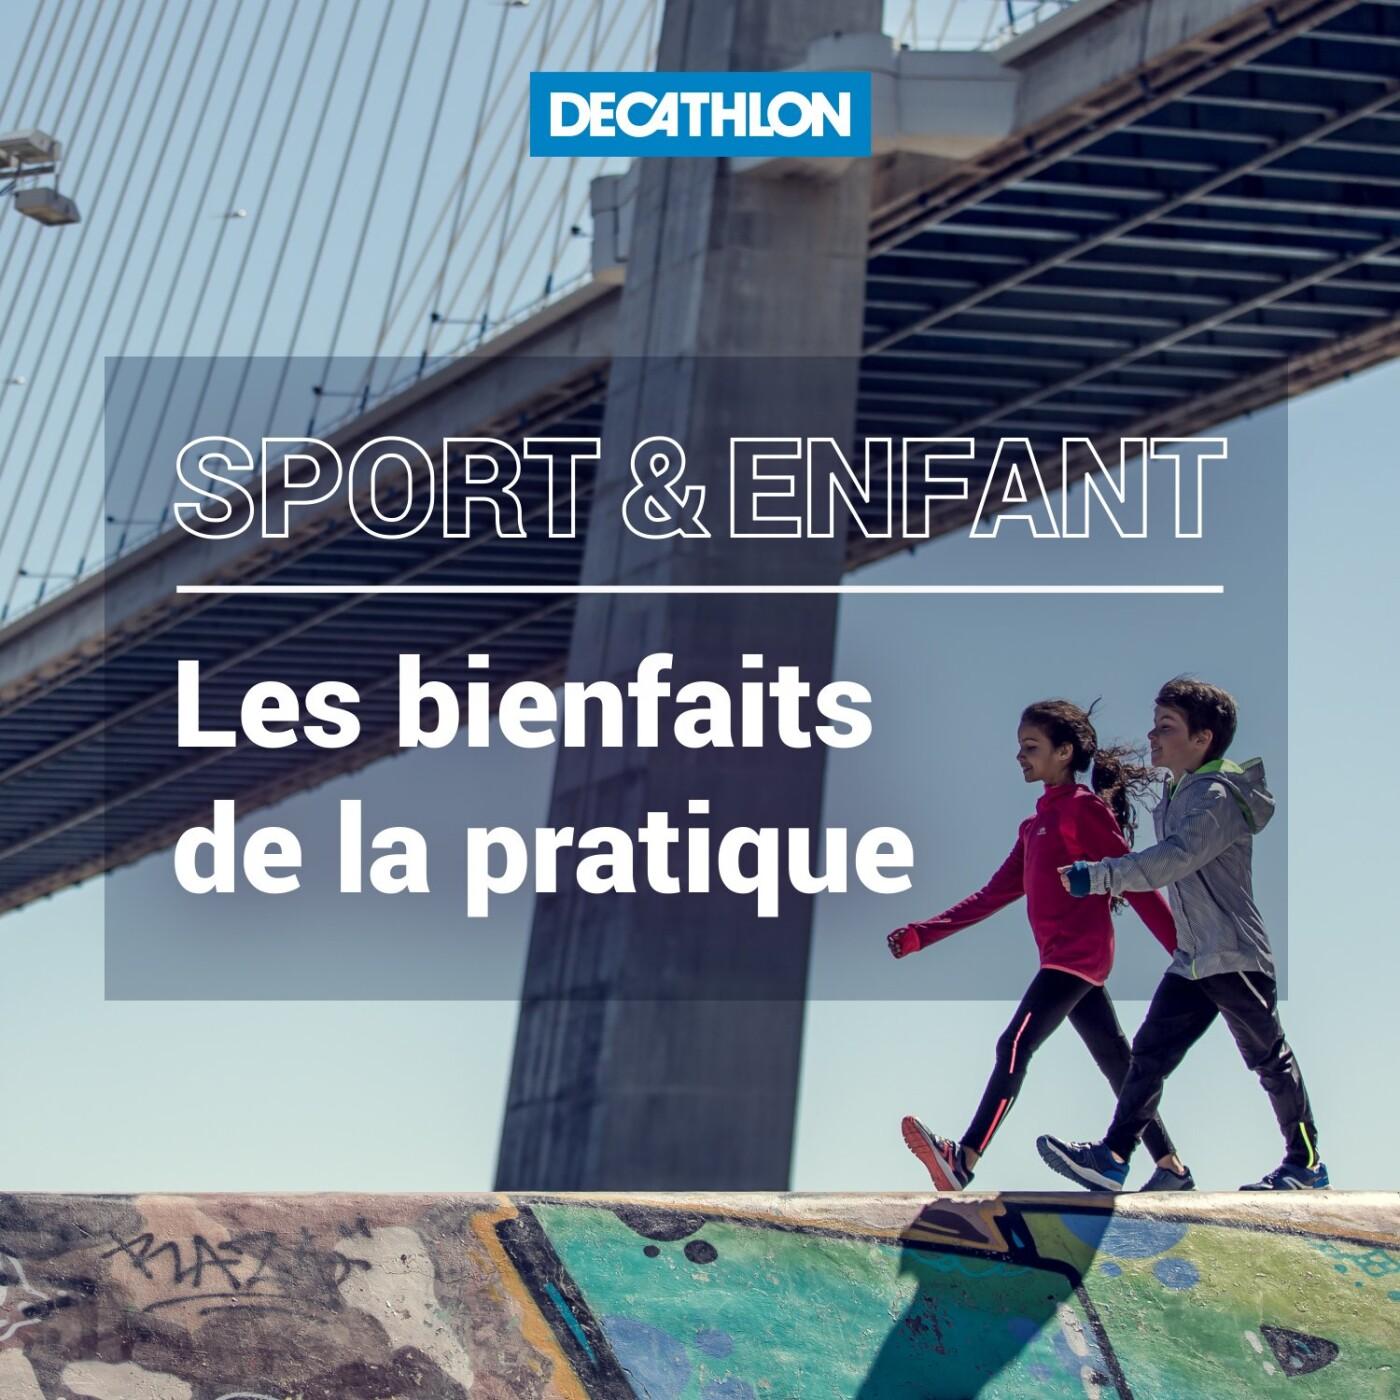 # 52 Sport et enfant – Les bienfaits de la pratique (rediffusion)